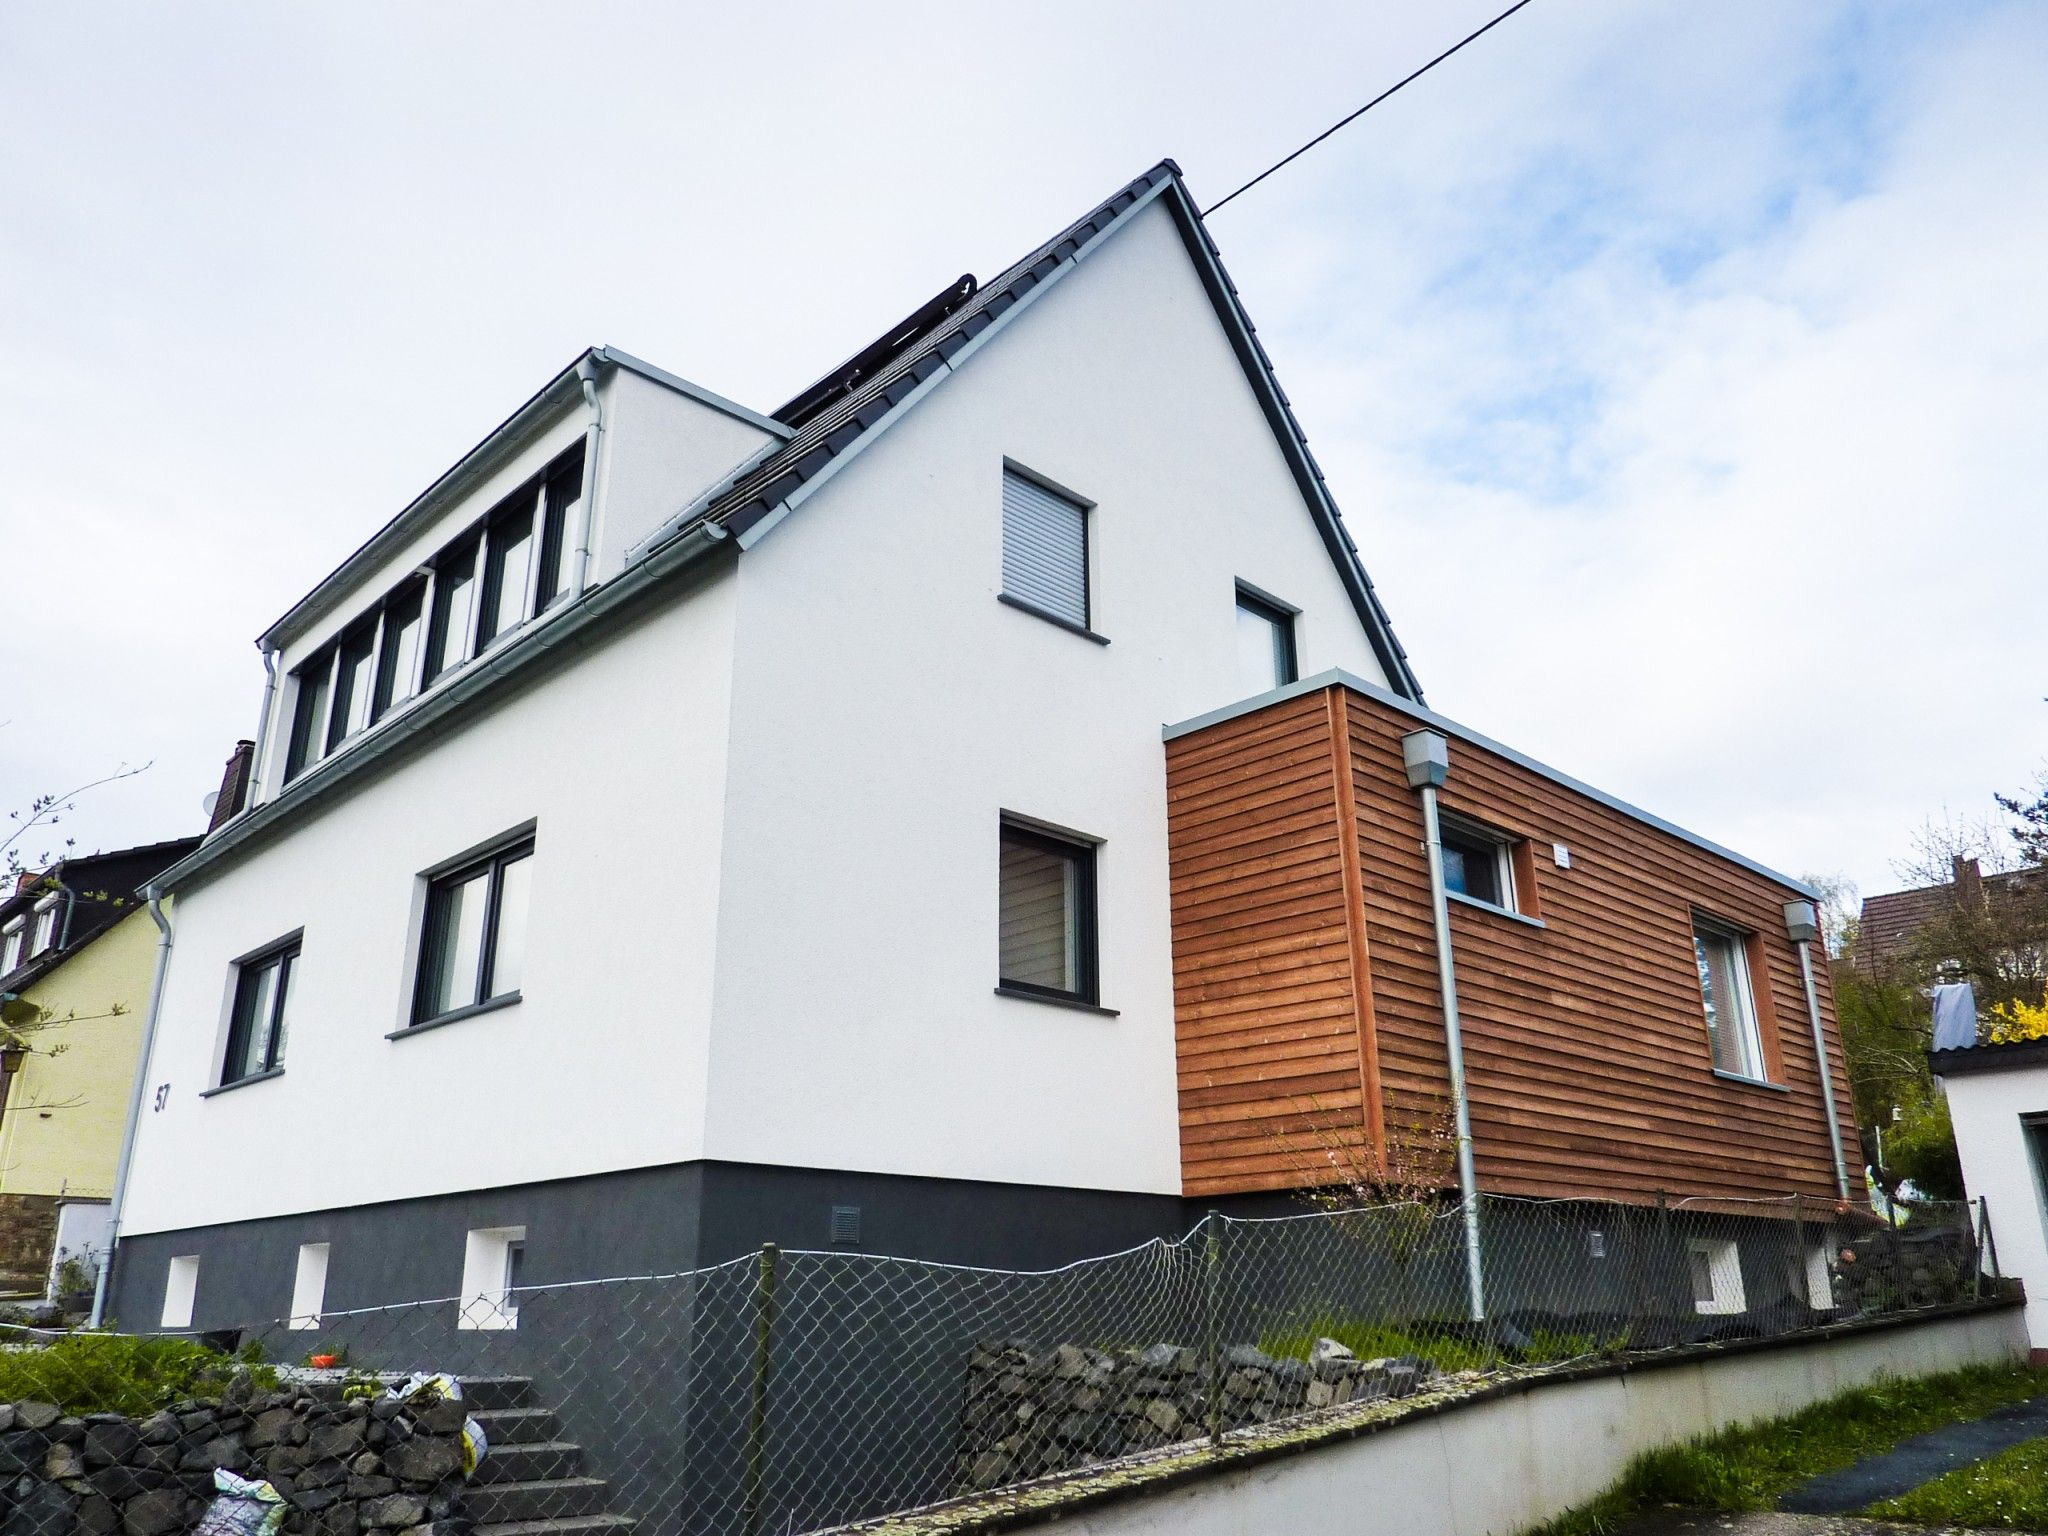 Siedlungshaus Modernisieren modernisierung eines siedlungshauses in wiesbaden | anbau holz